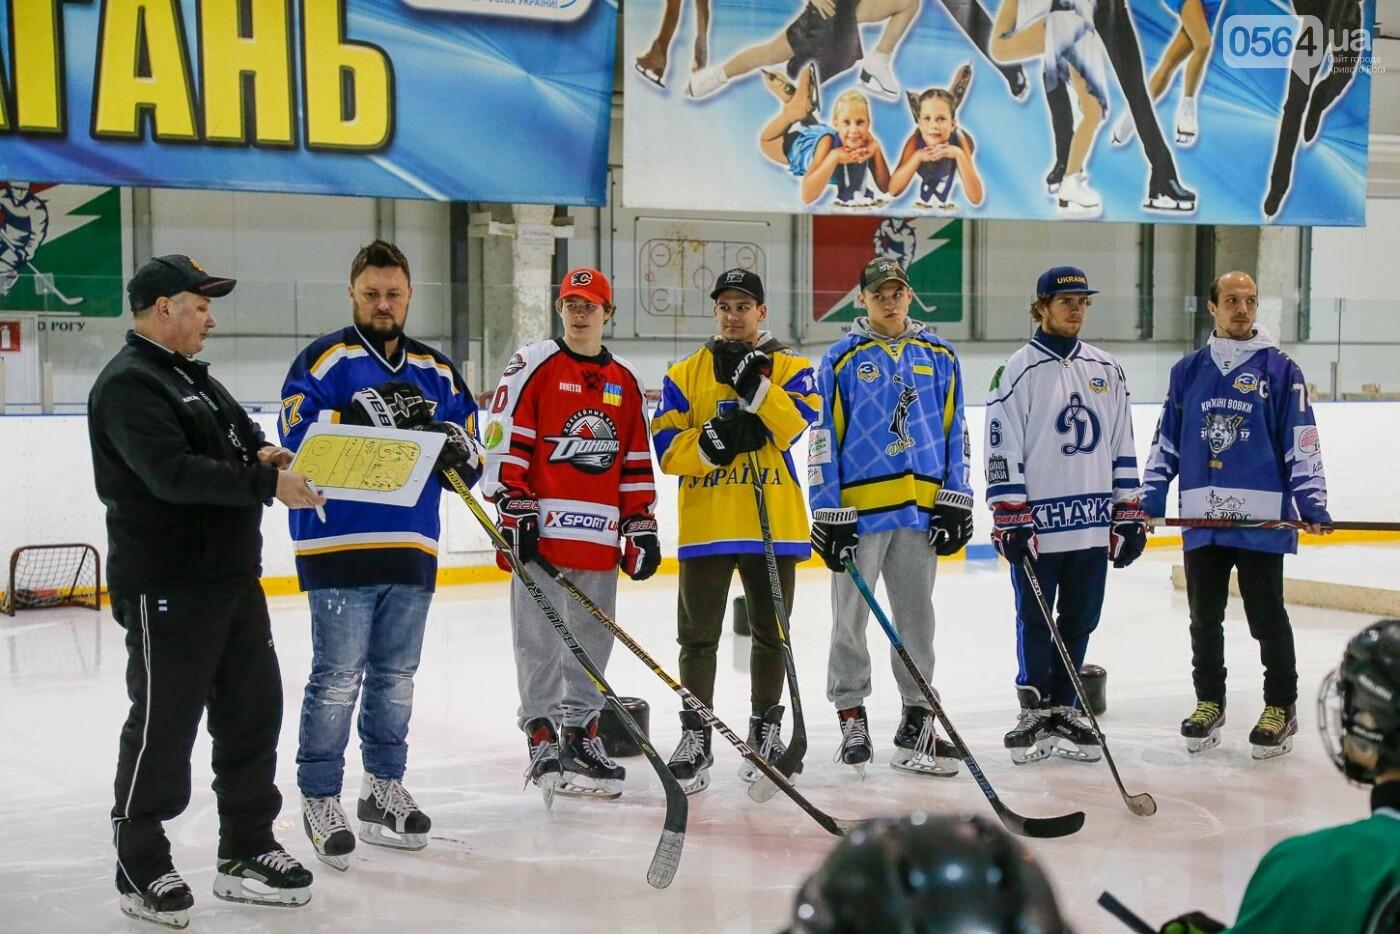 Звезды украинского хоккея провели открытую тренировку в Кривом Роге, фото-10